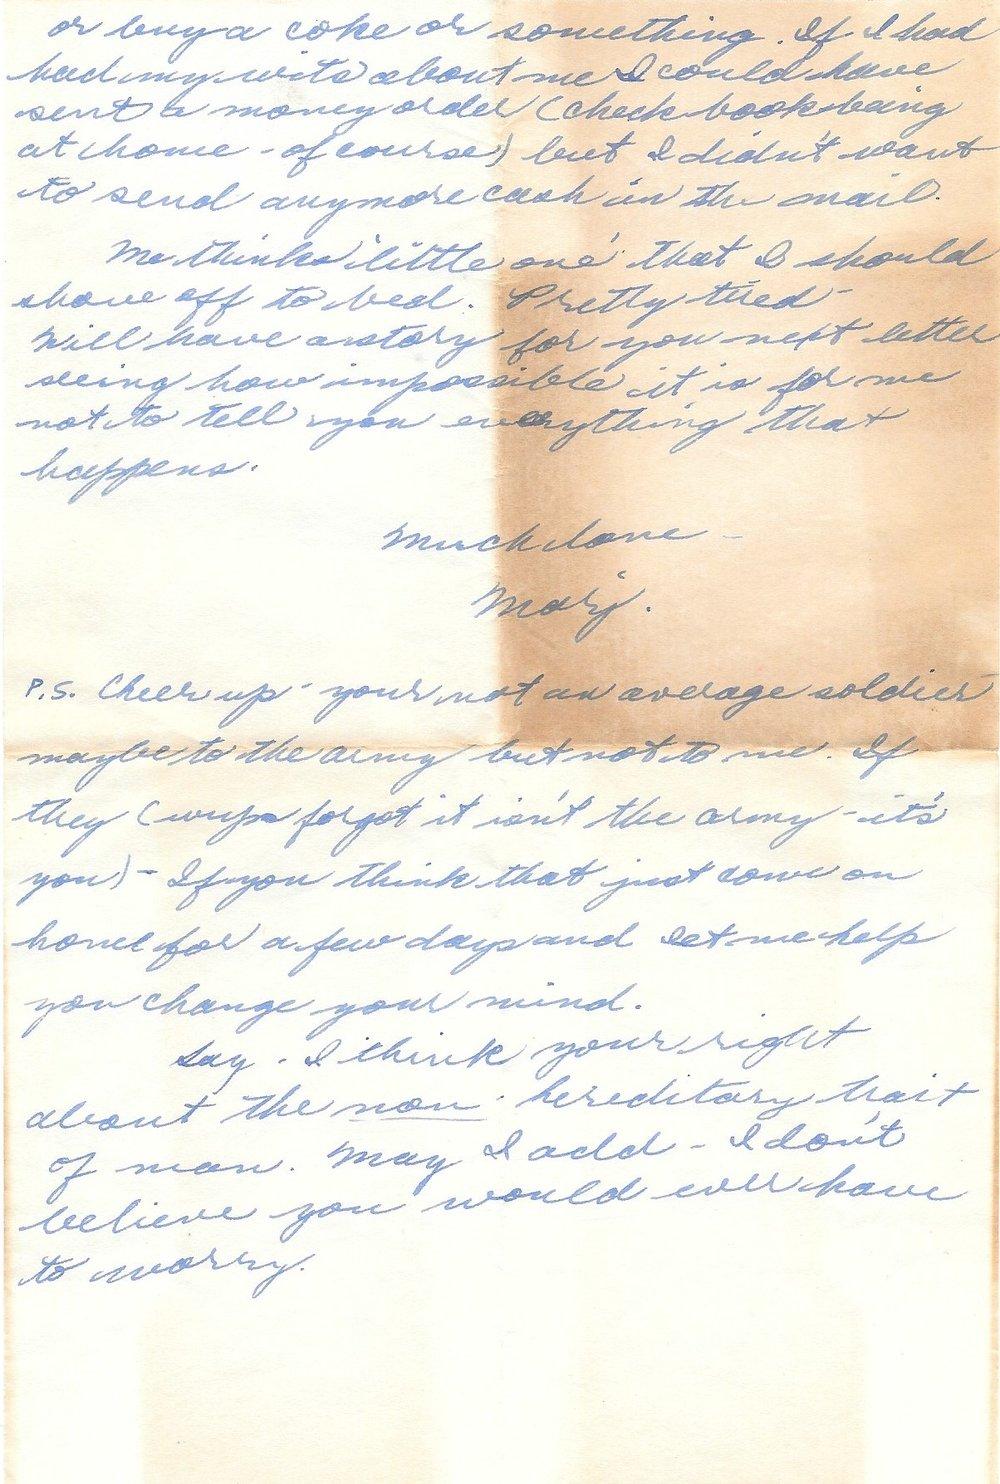 15. Jan. 28, 1953 (Oma)_Page_4 (real).jpeg